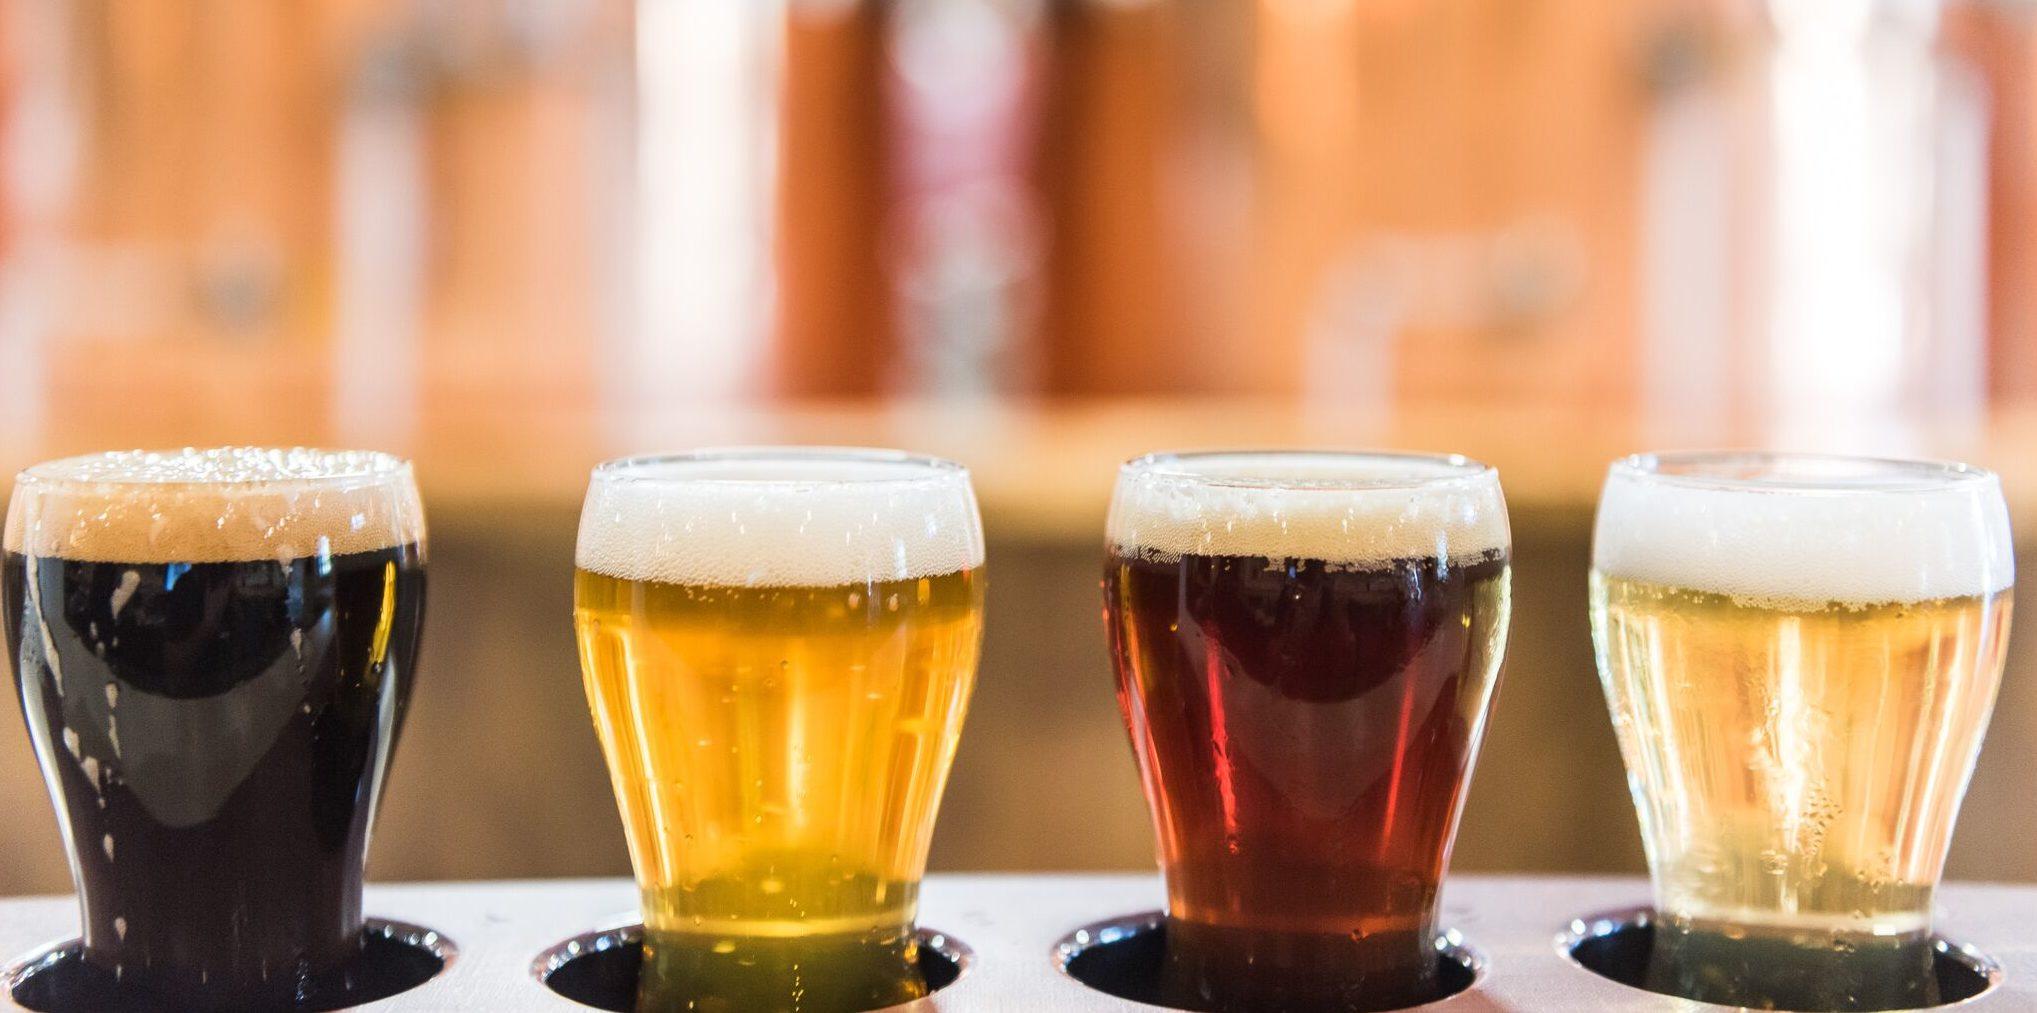 wynwood brasseries bières que faire dans le quartier de wynwood street art cafe galeries insolite visites guidées en français de miami blog miami off road